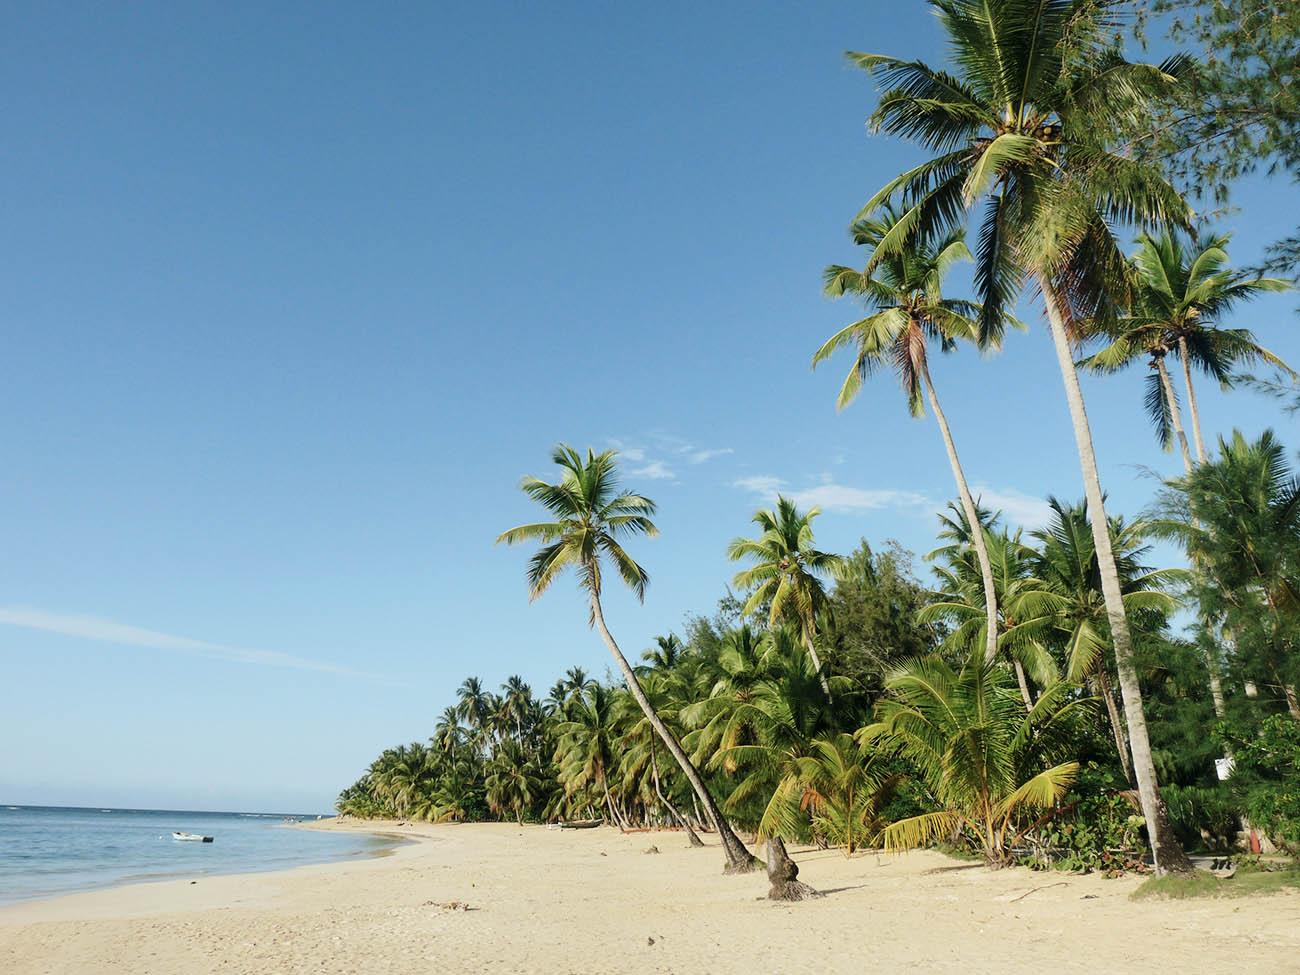 Palmenstrand und Meer